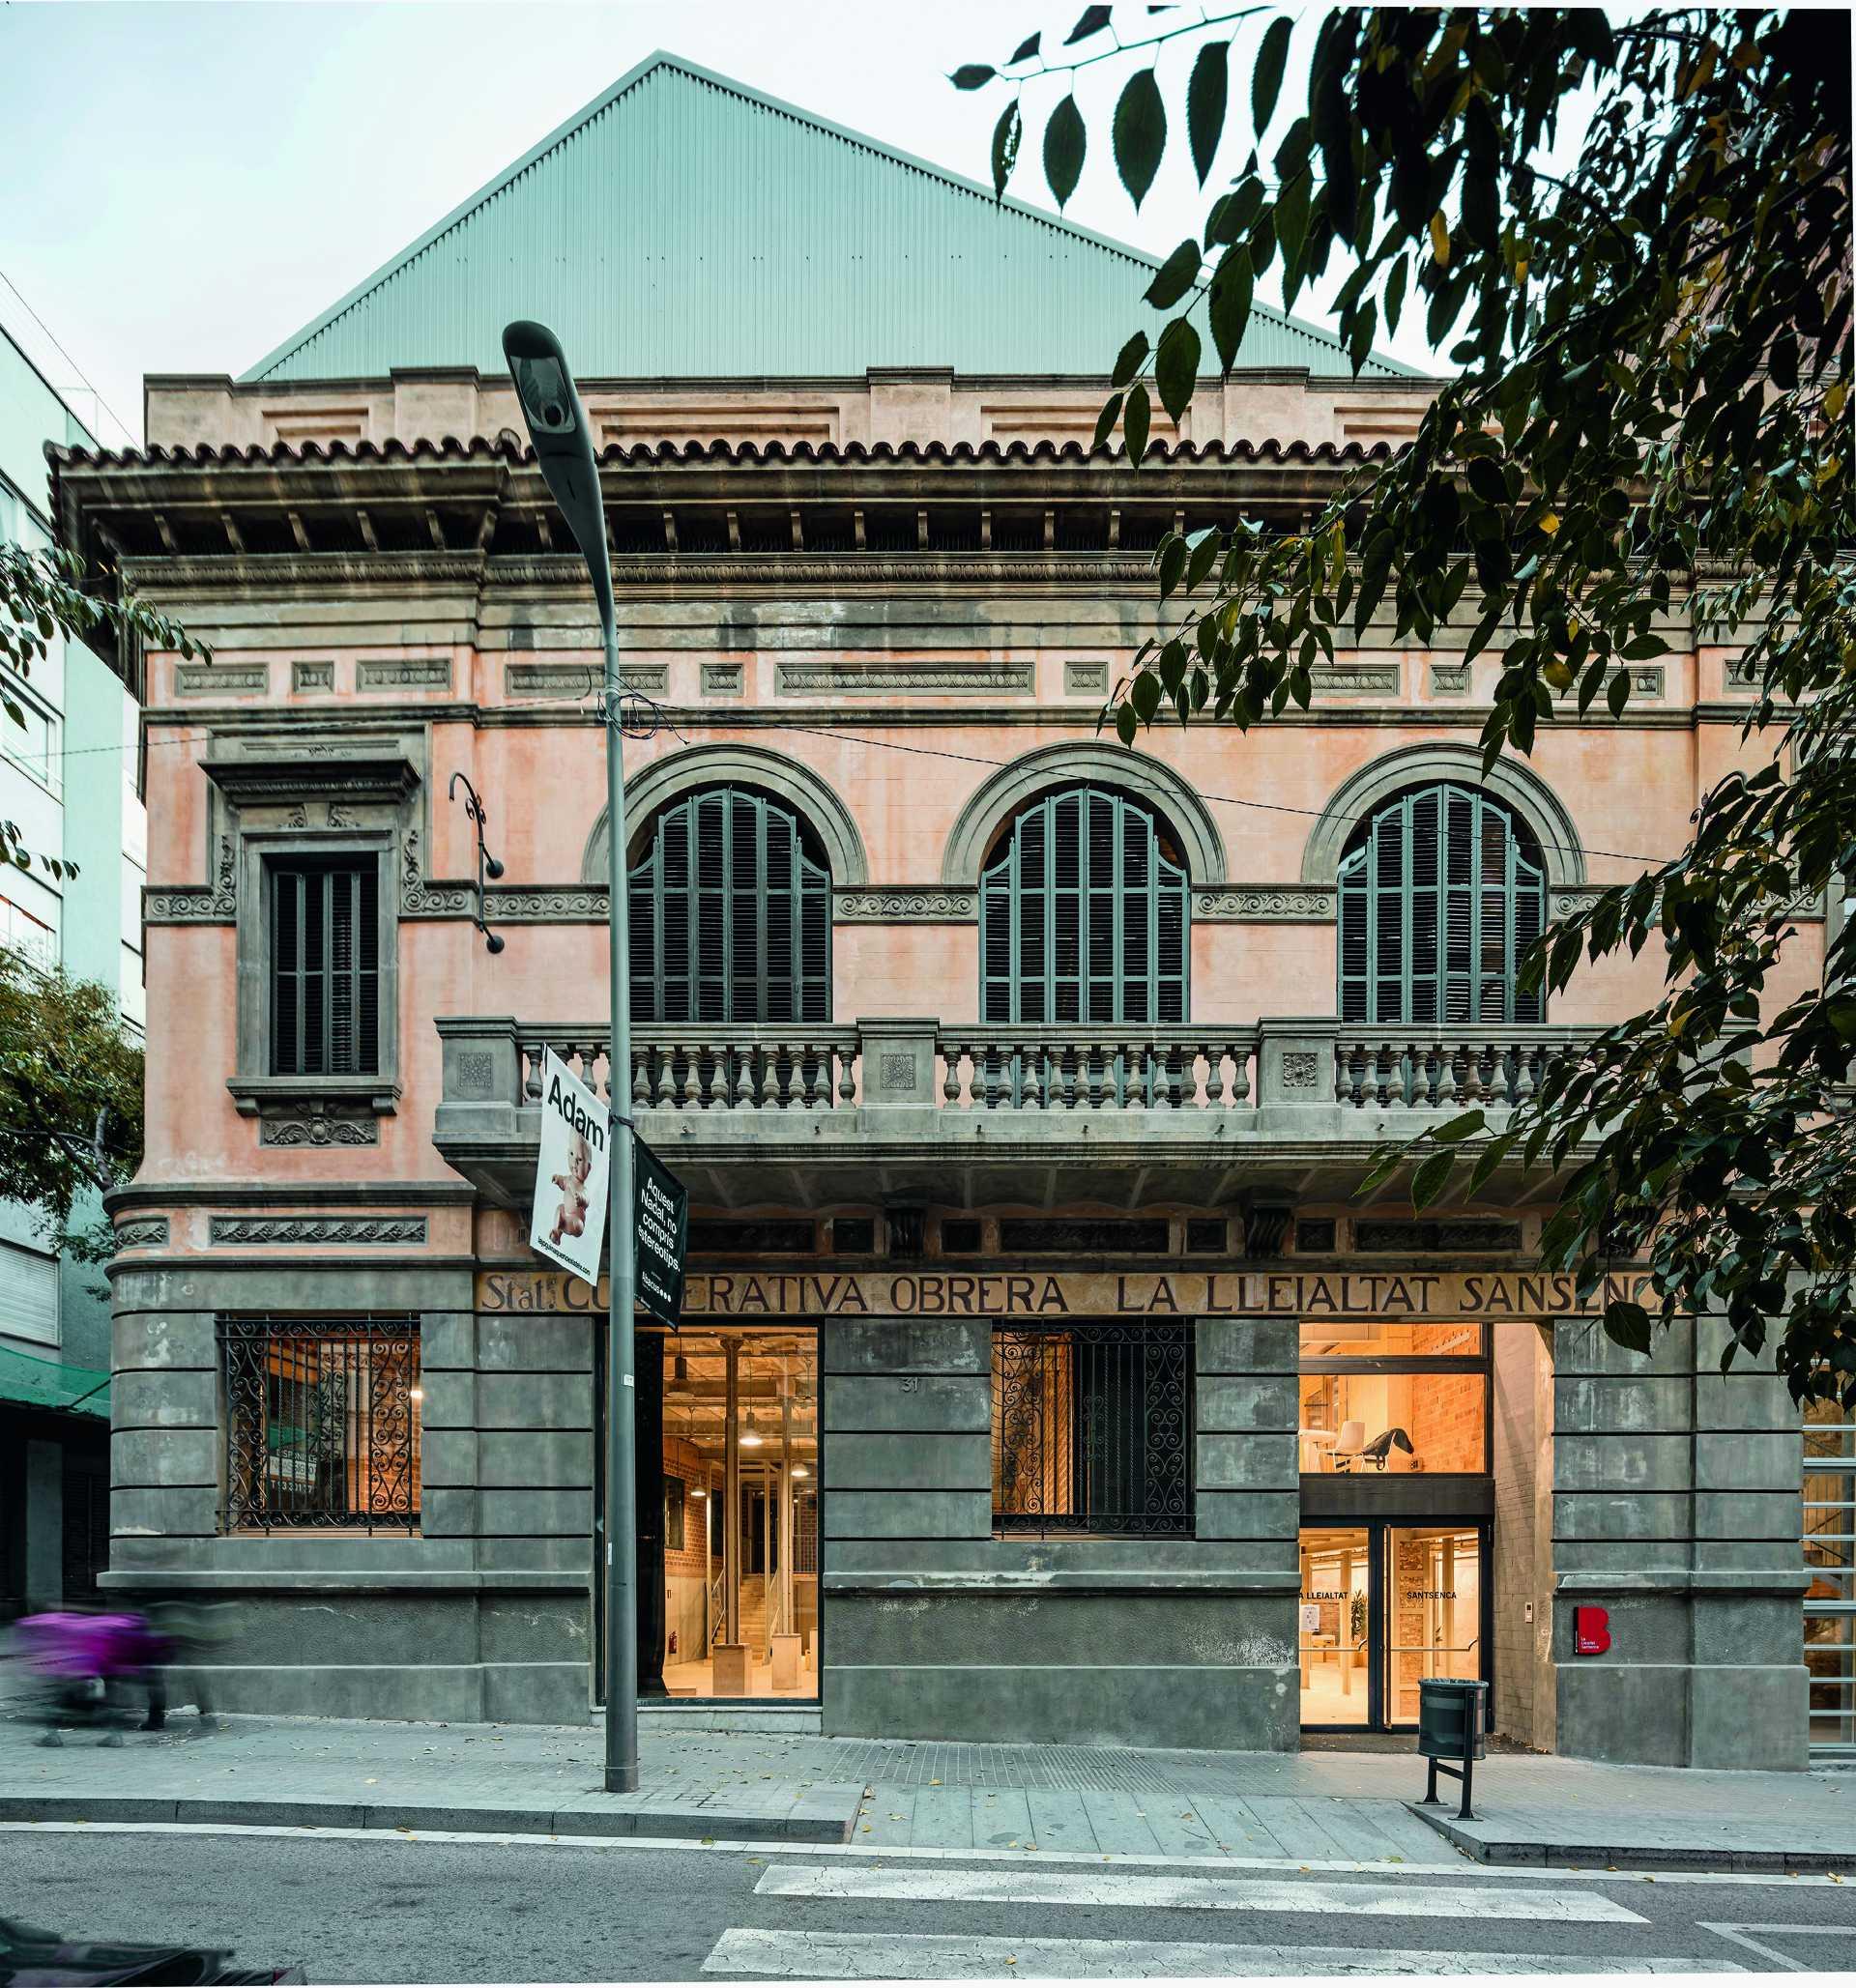 Civic Centre  Lleialtat Santsenca 1214  - 3 1 31